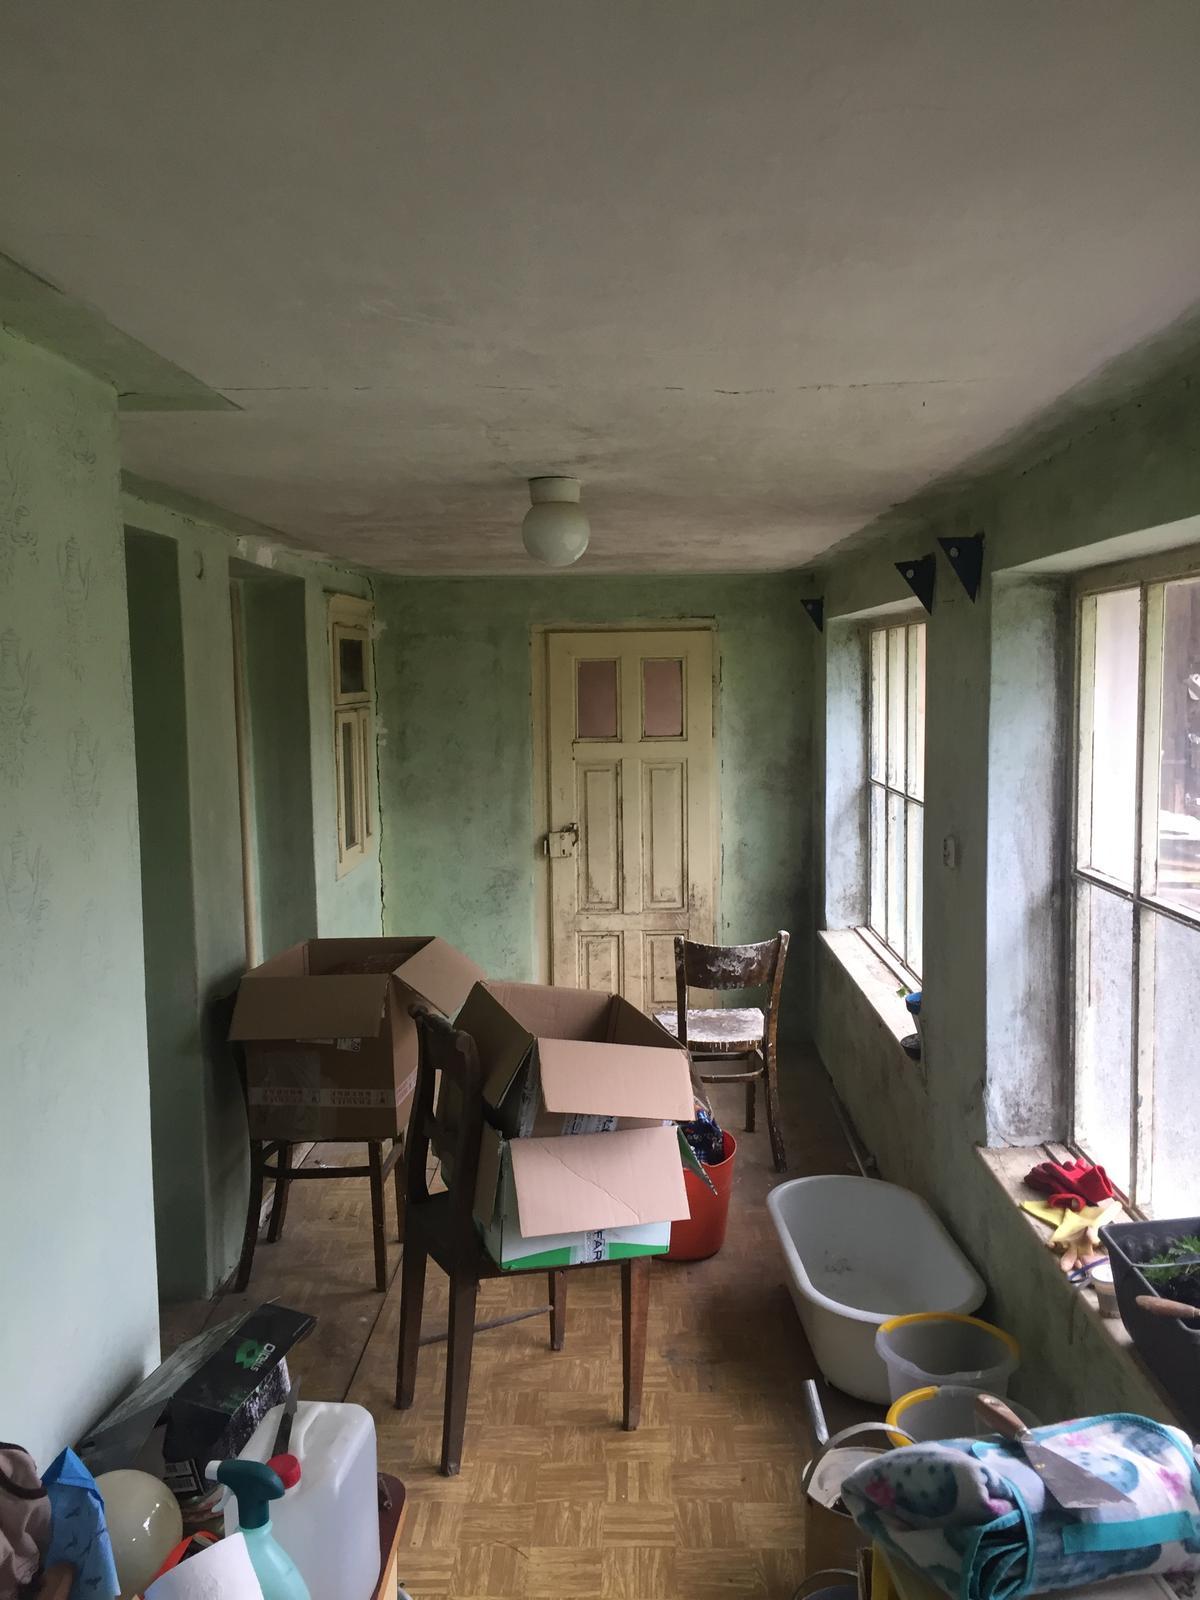 Perníková chalúpka - Veranda - a to je uz vypratana z toho najhorsieho - a este perlicka, od tych dveri nie je kluc ;)